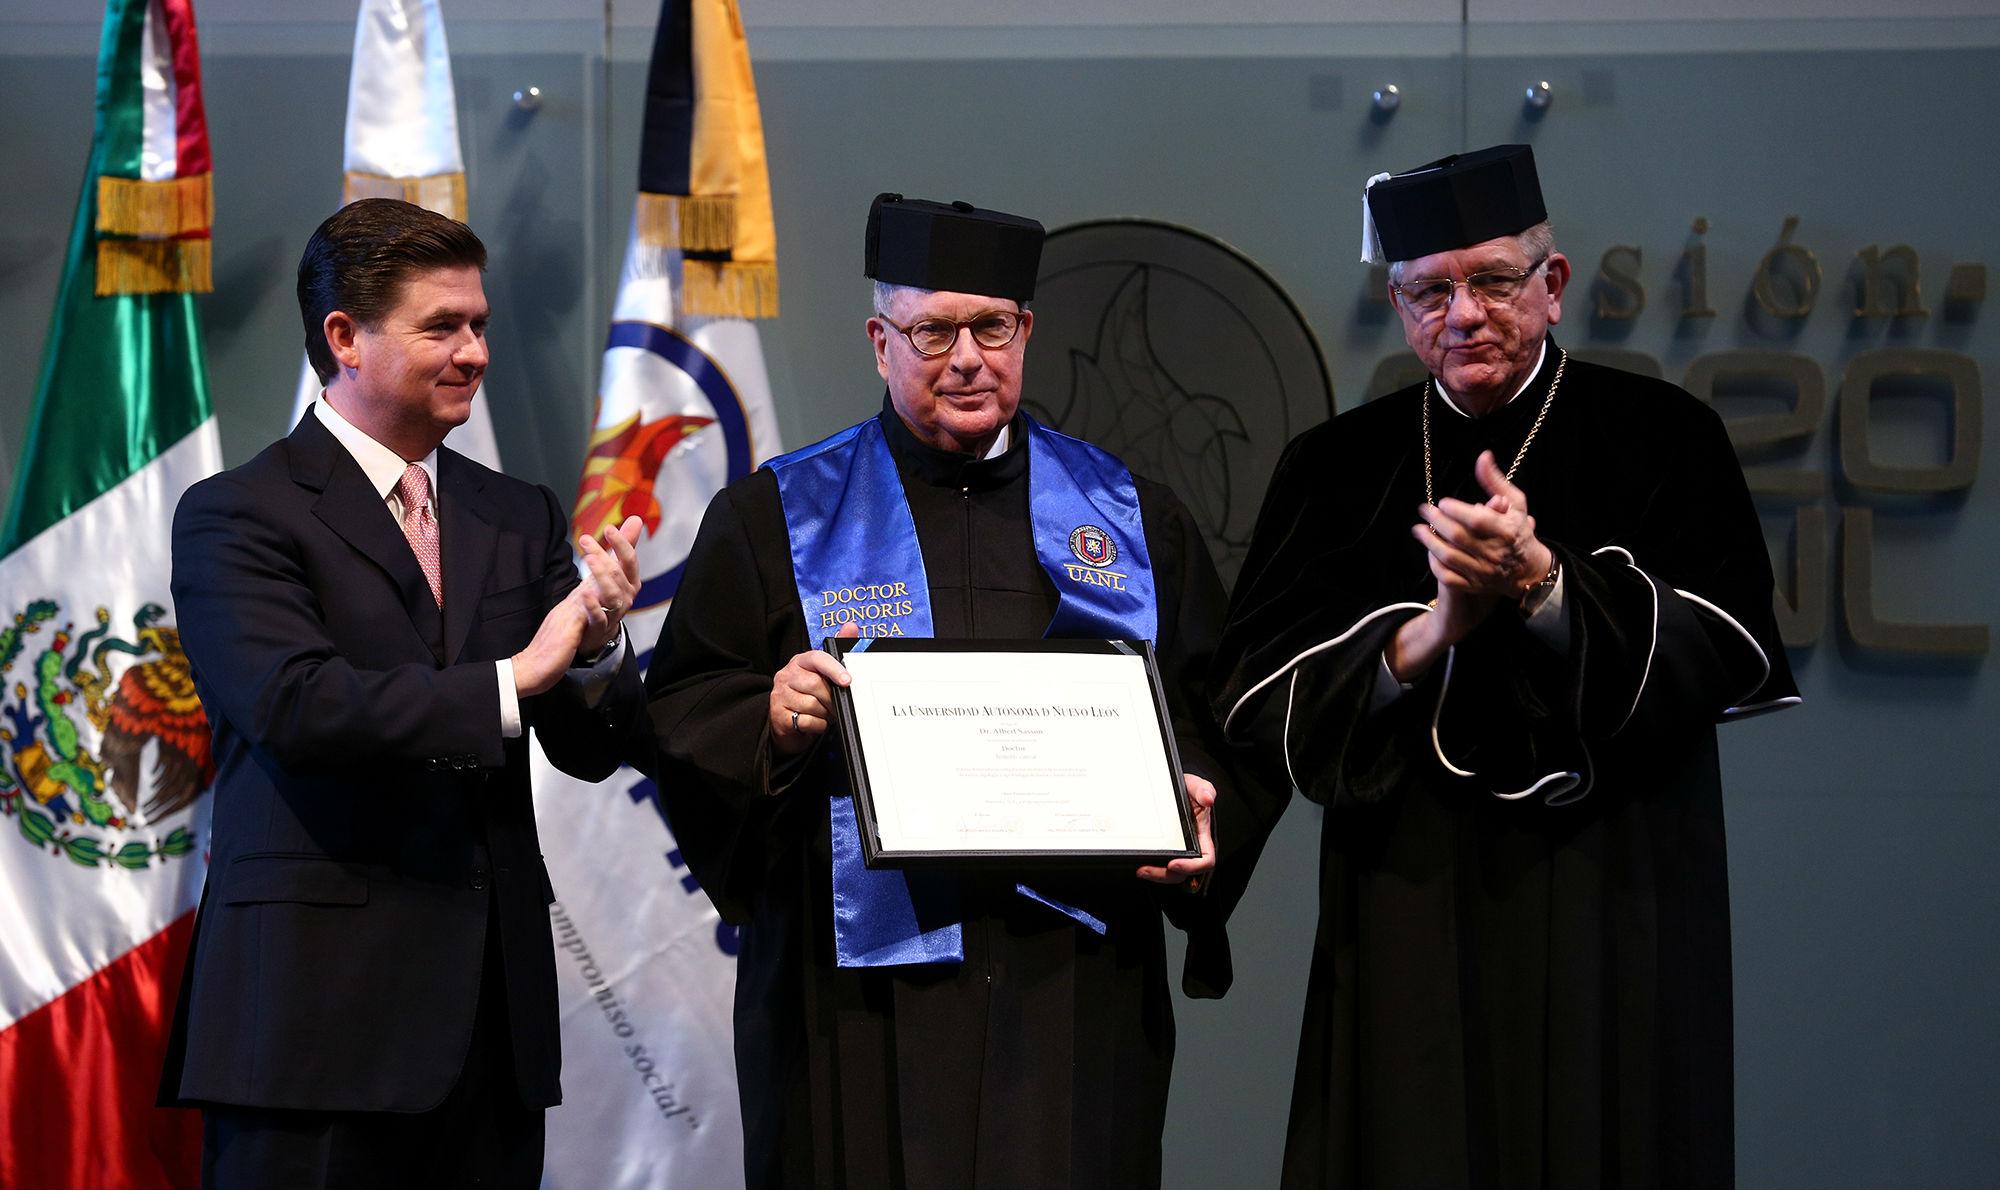 El Dr. Albert Sasson recibió la distinción Doctor Honoris